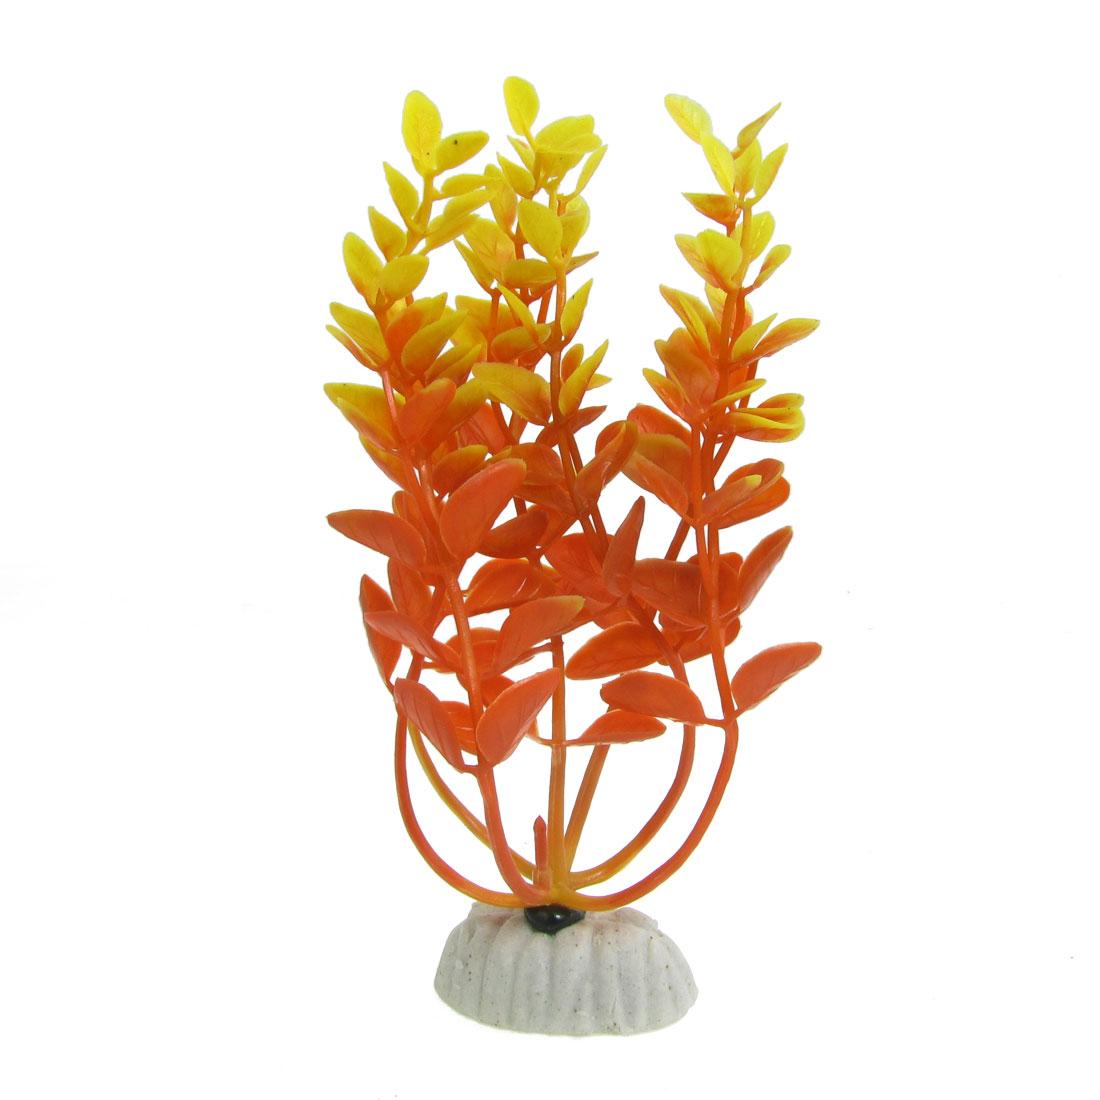 White Ceramic Base Plastic Orange Aquatic Grass Plant for Aquarium